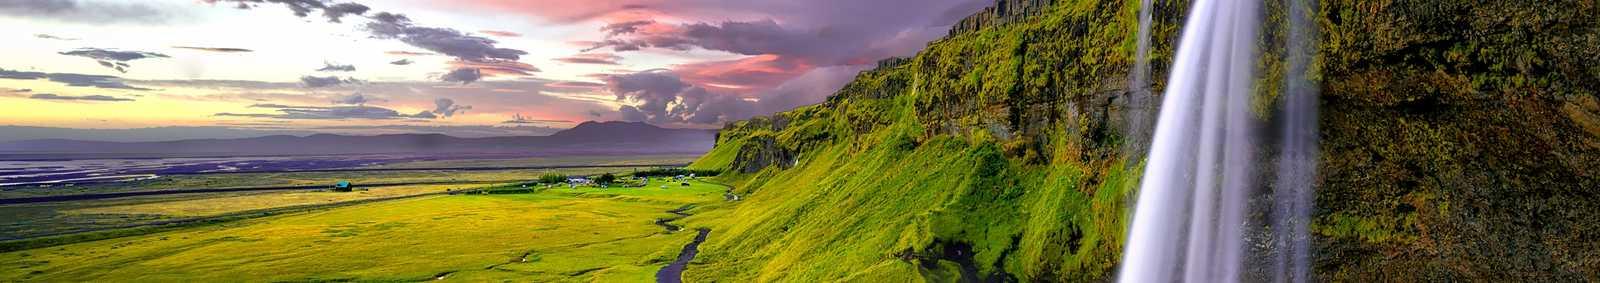 Iceland Midnight Sun Waterfall